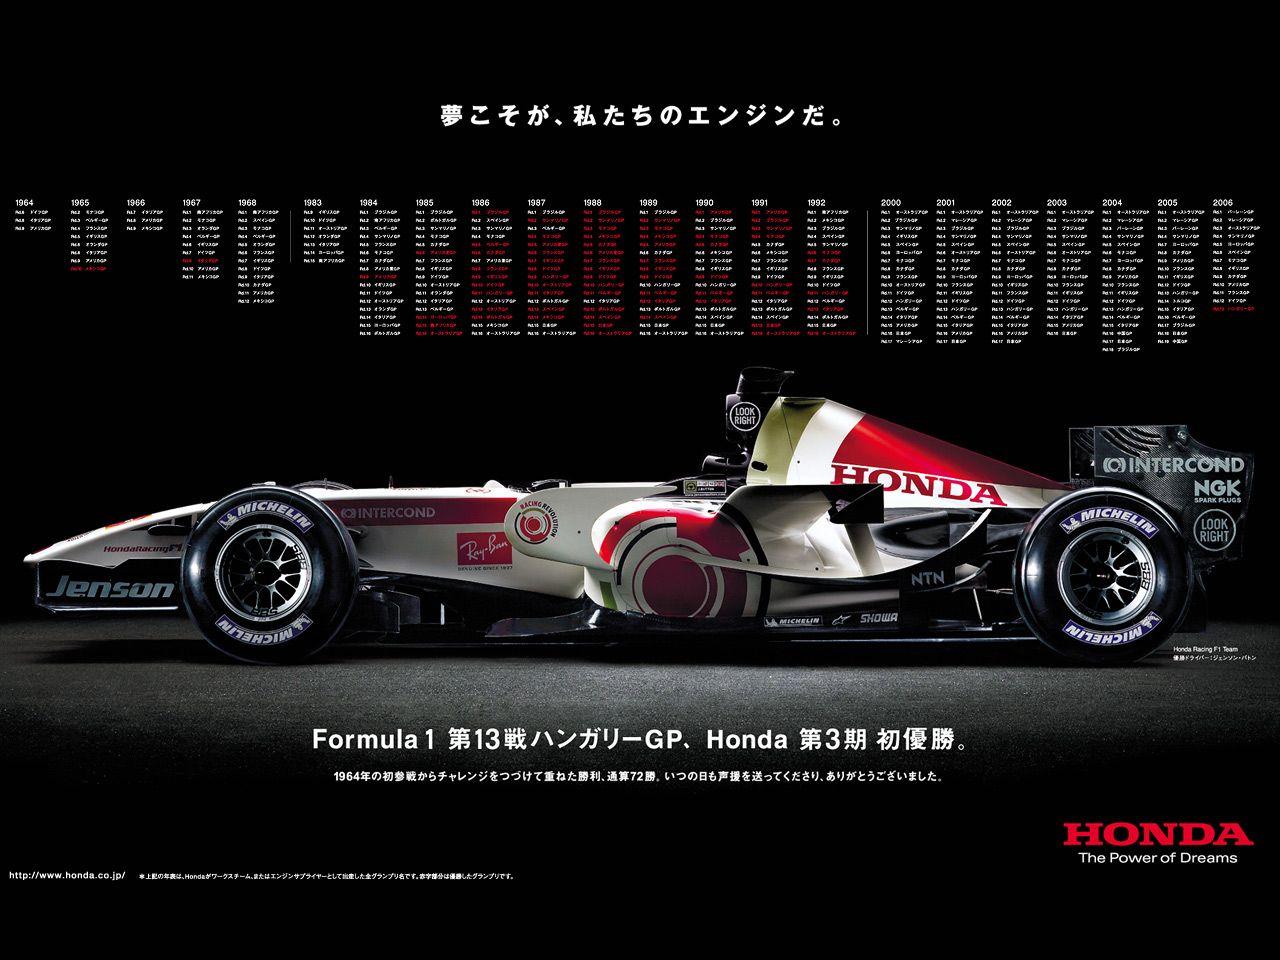 Honda F1 優勝 壁紙 自動車